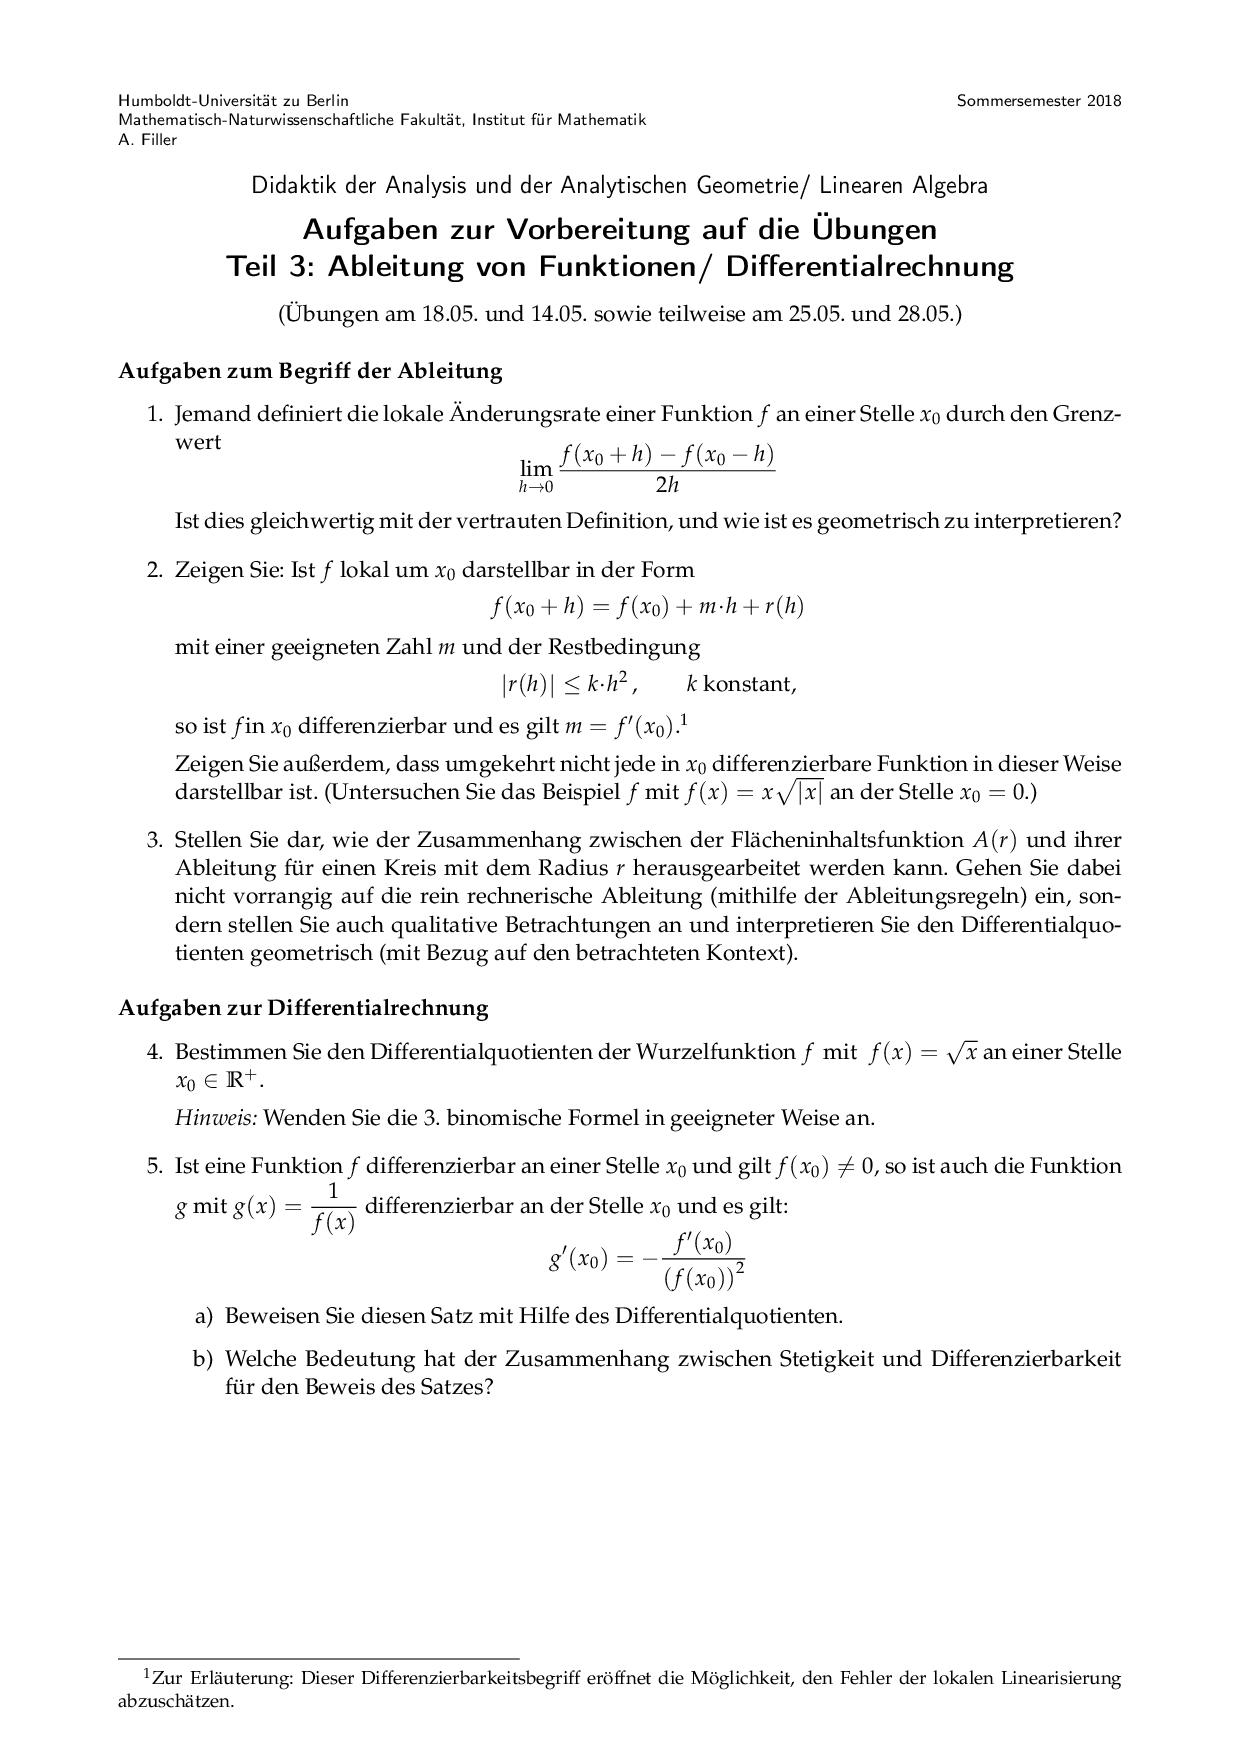 Aufgaben Zur Ableitung Von Funktionen Differentialrechnung Hu Berlin Docsity